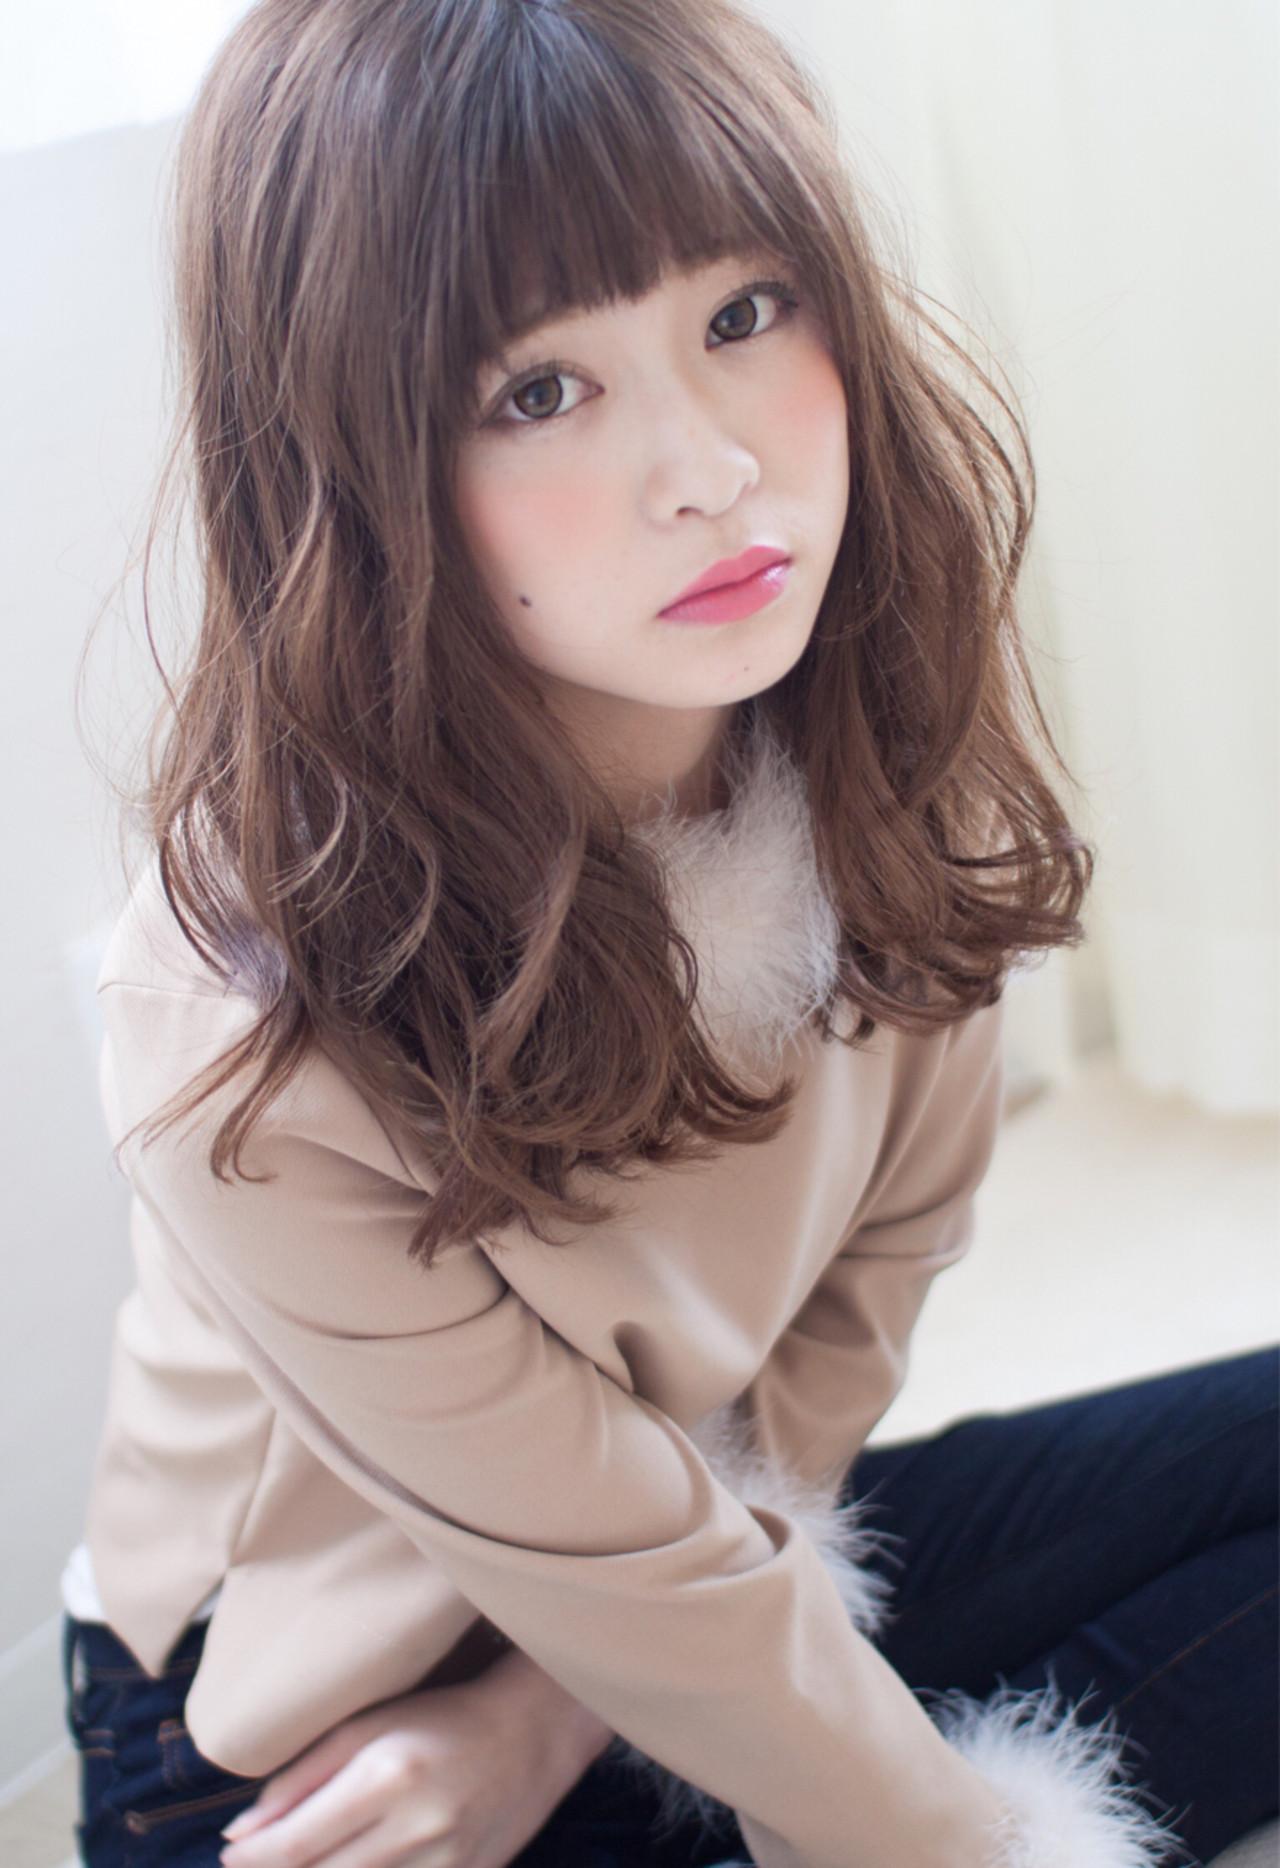 ナチュラル パーマ 前髪あり 小顔 ヘアスタイルや髪型の写真・画像 | 今井 寛子 / LOUIMADNA栄